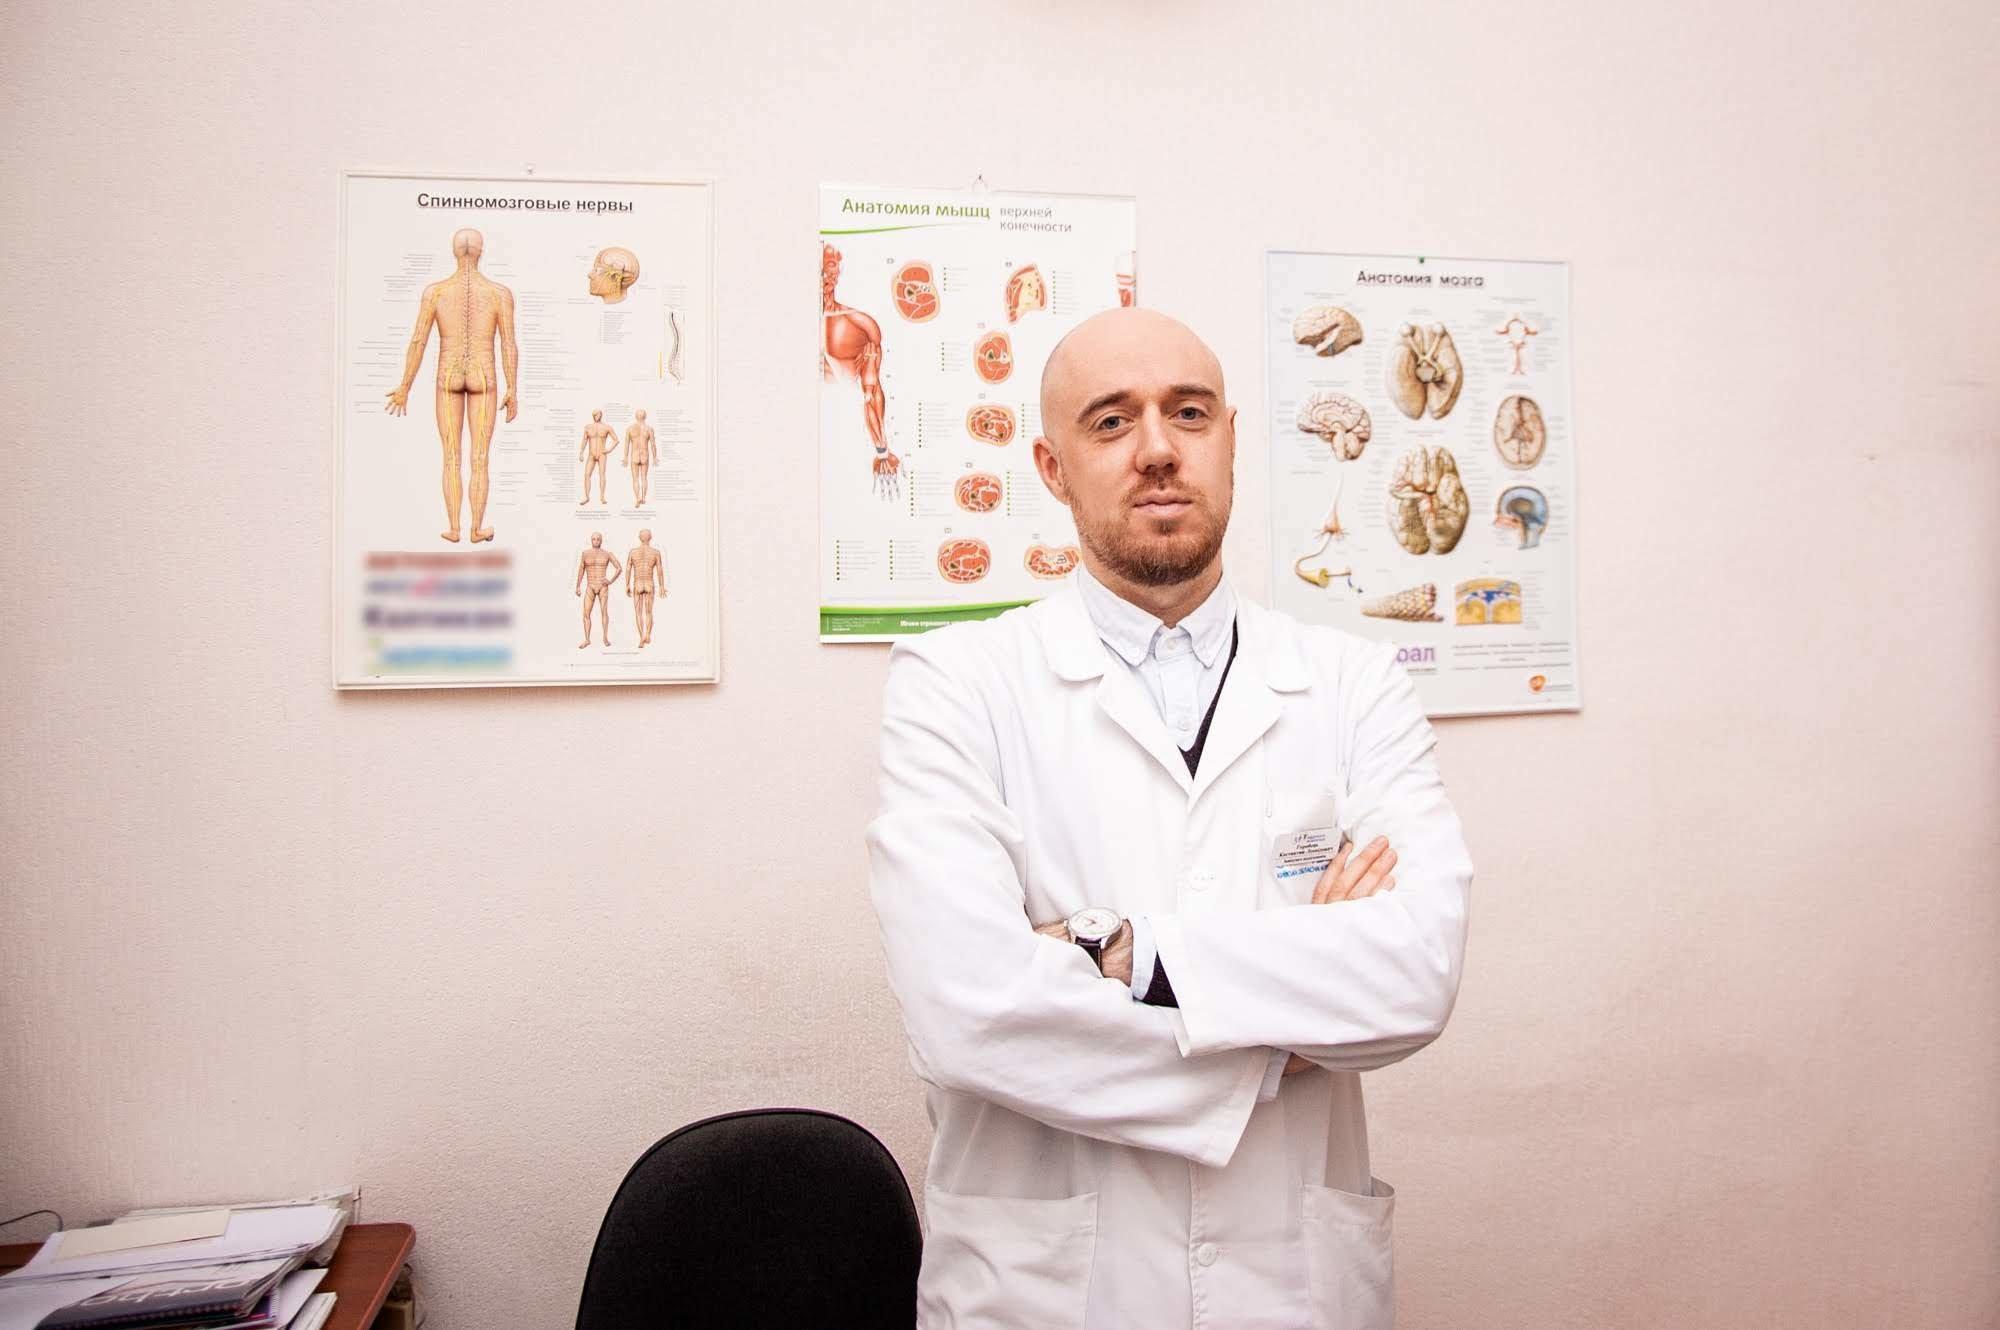 Реабилитолог Константин Горобец о спортивных травмах, методах их лечения и профилактики